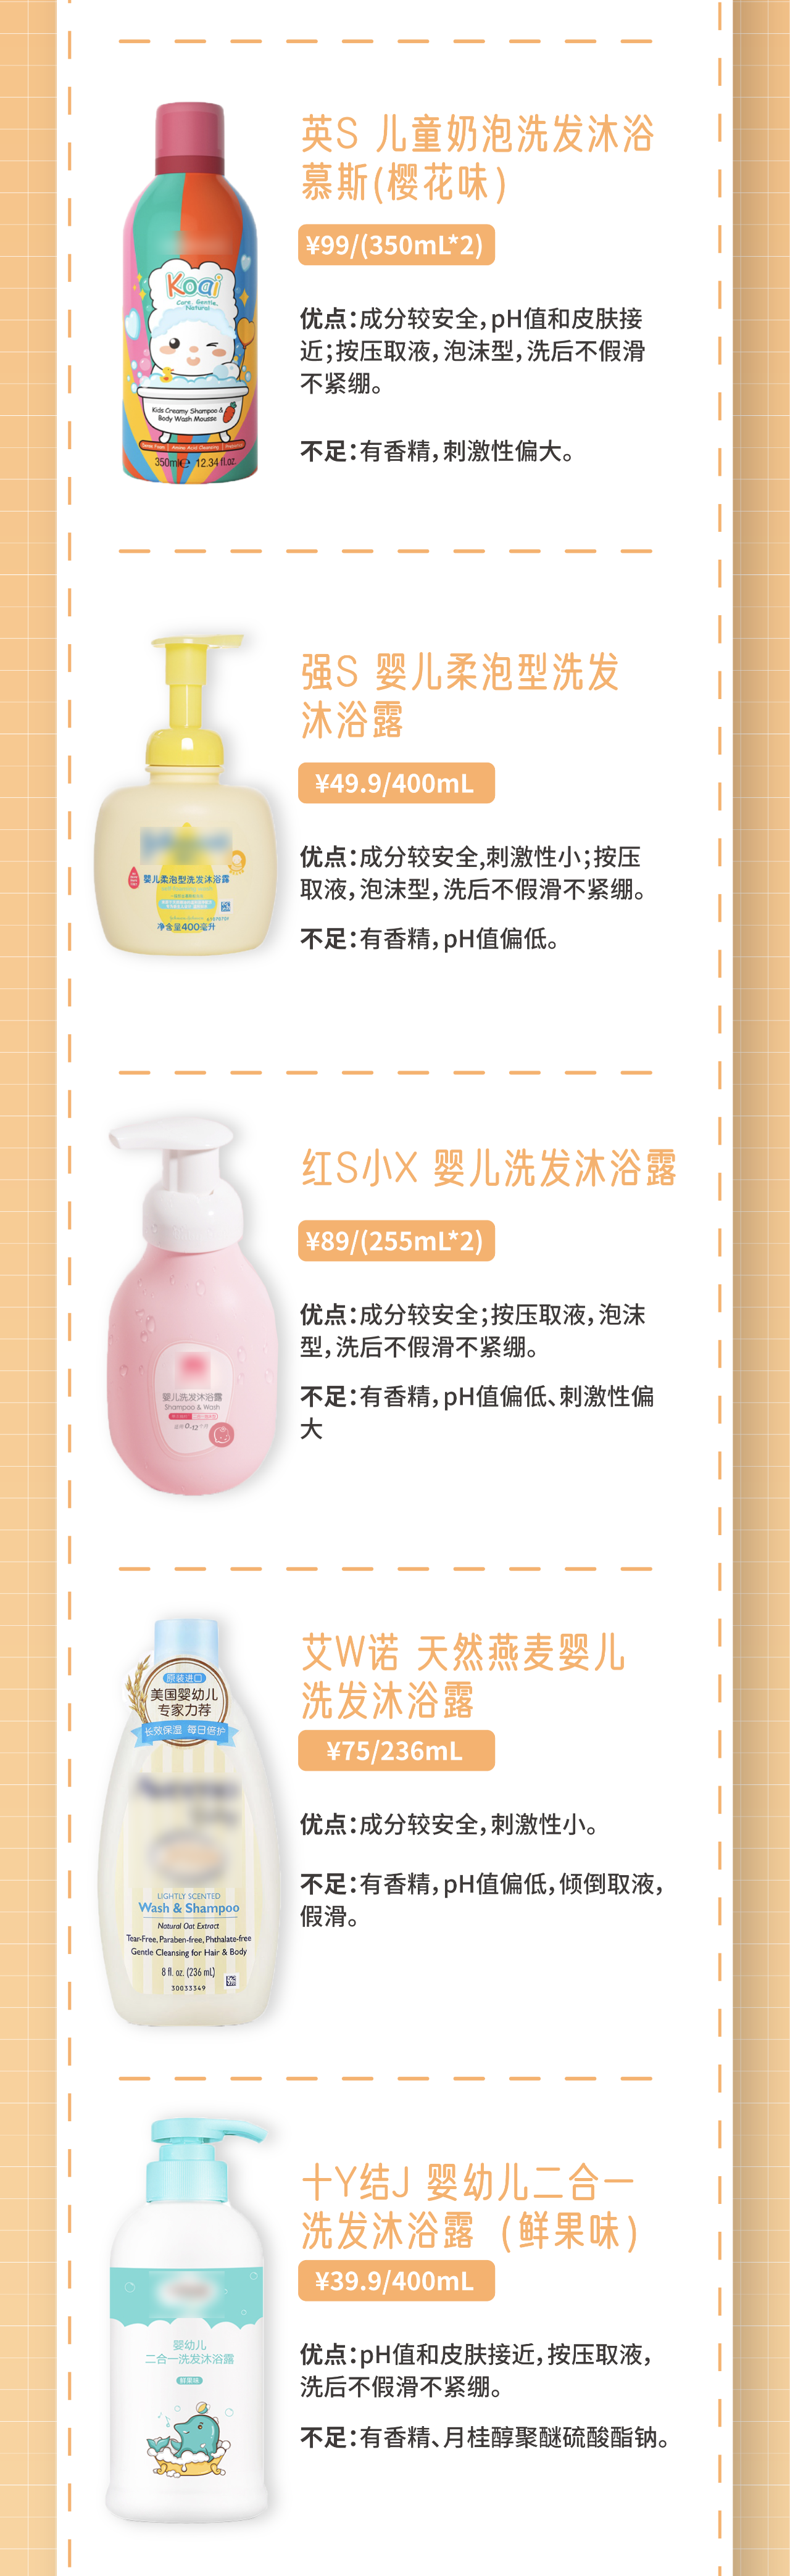 15款宝宝洗发沐浴露测评:仅3款不含风险成分